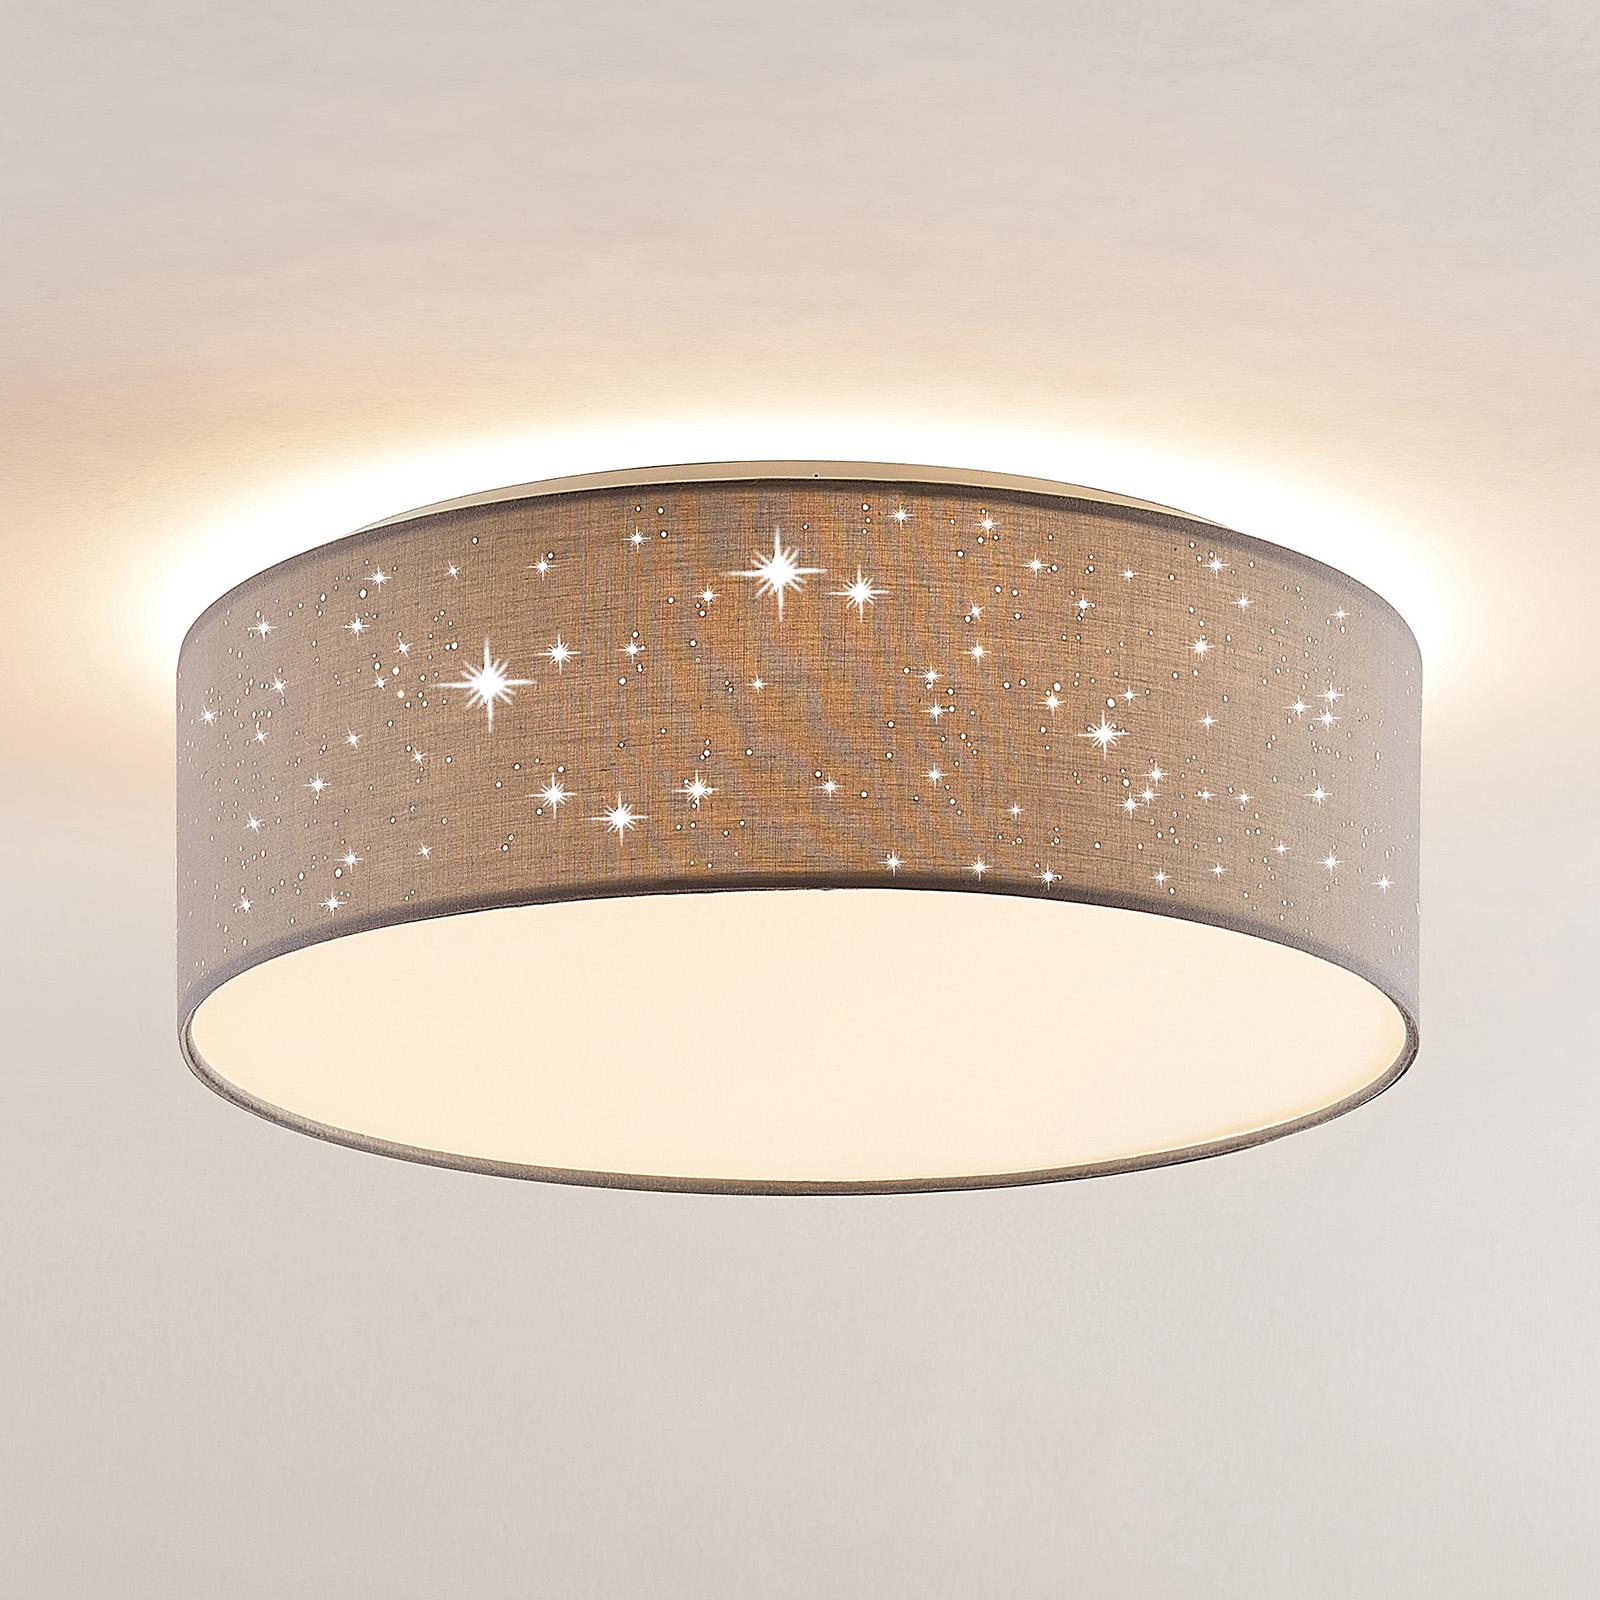 Lindby Ellamina lampa sufitowa LED 40cm jasnoszara